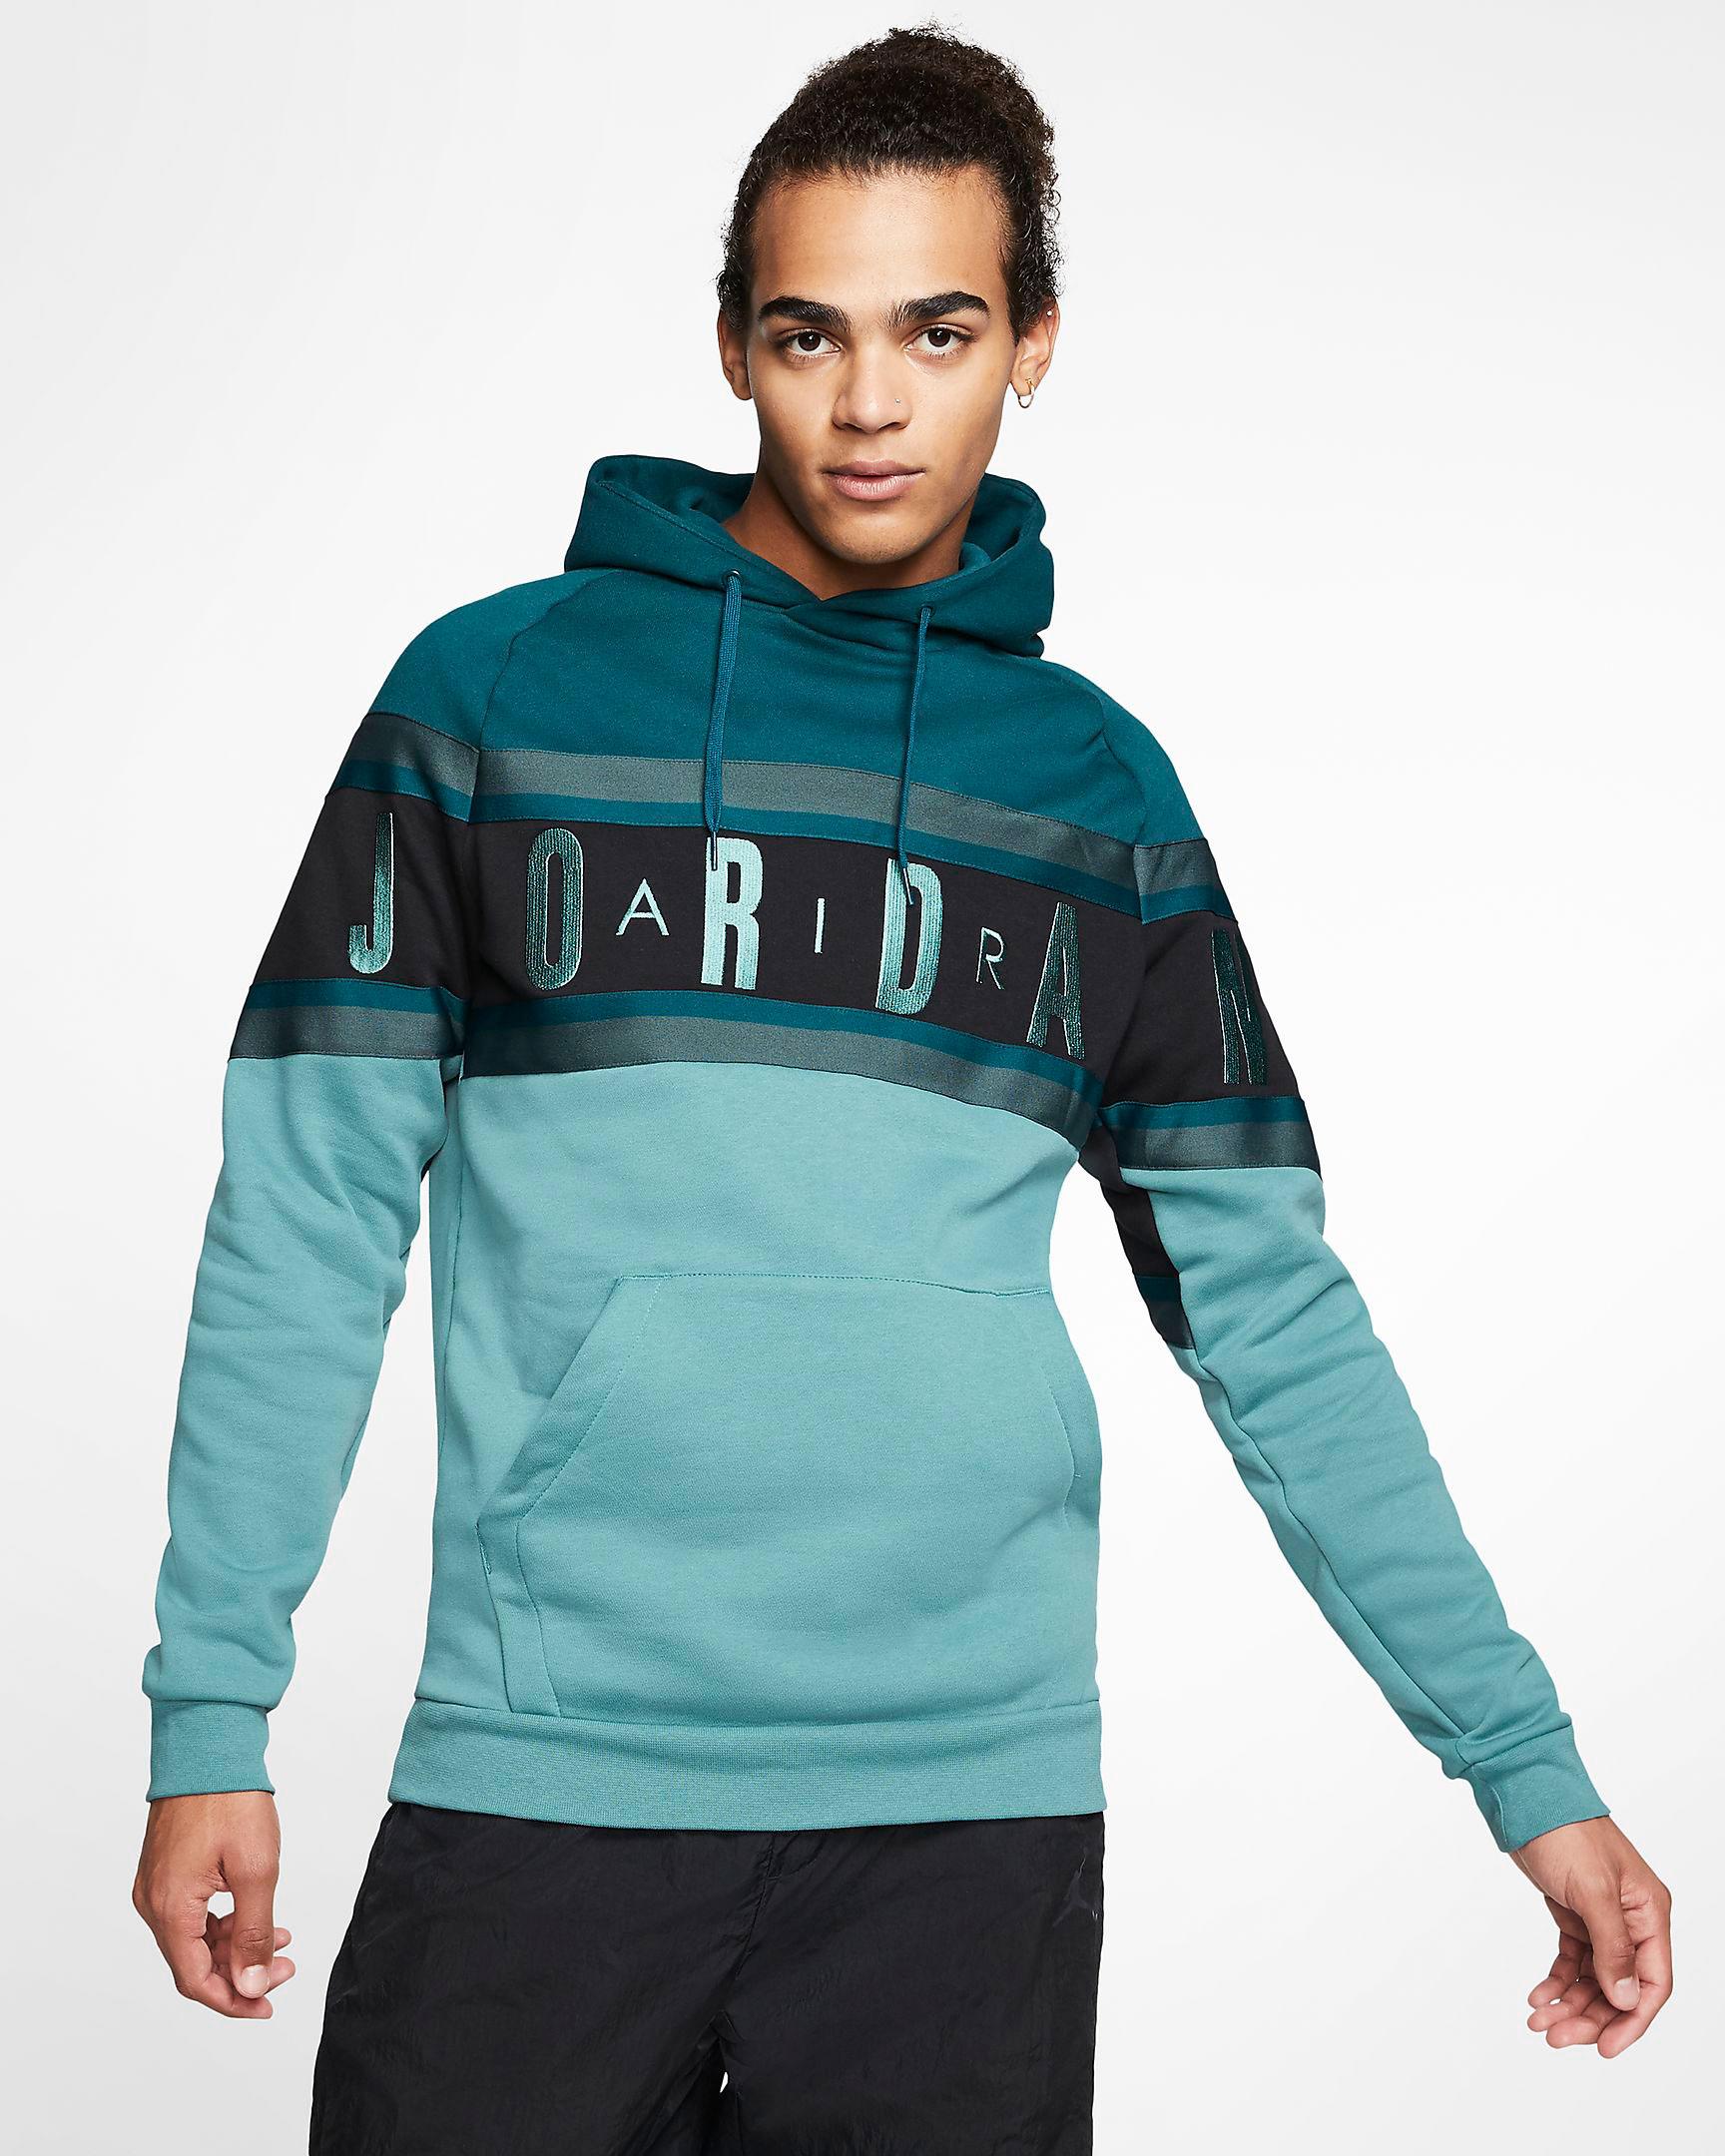 air-jordan-5-oil-grey-matching-hoodie